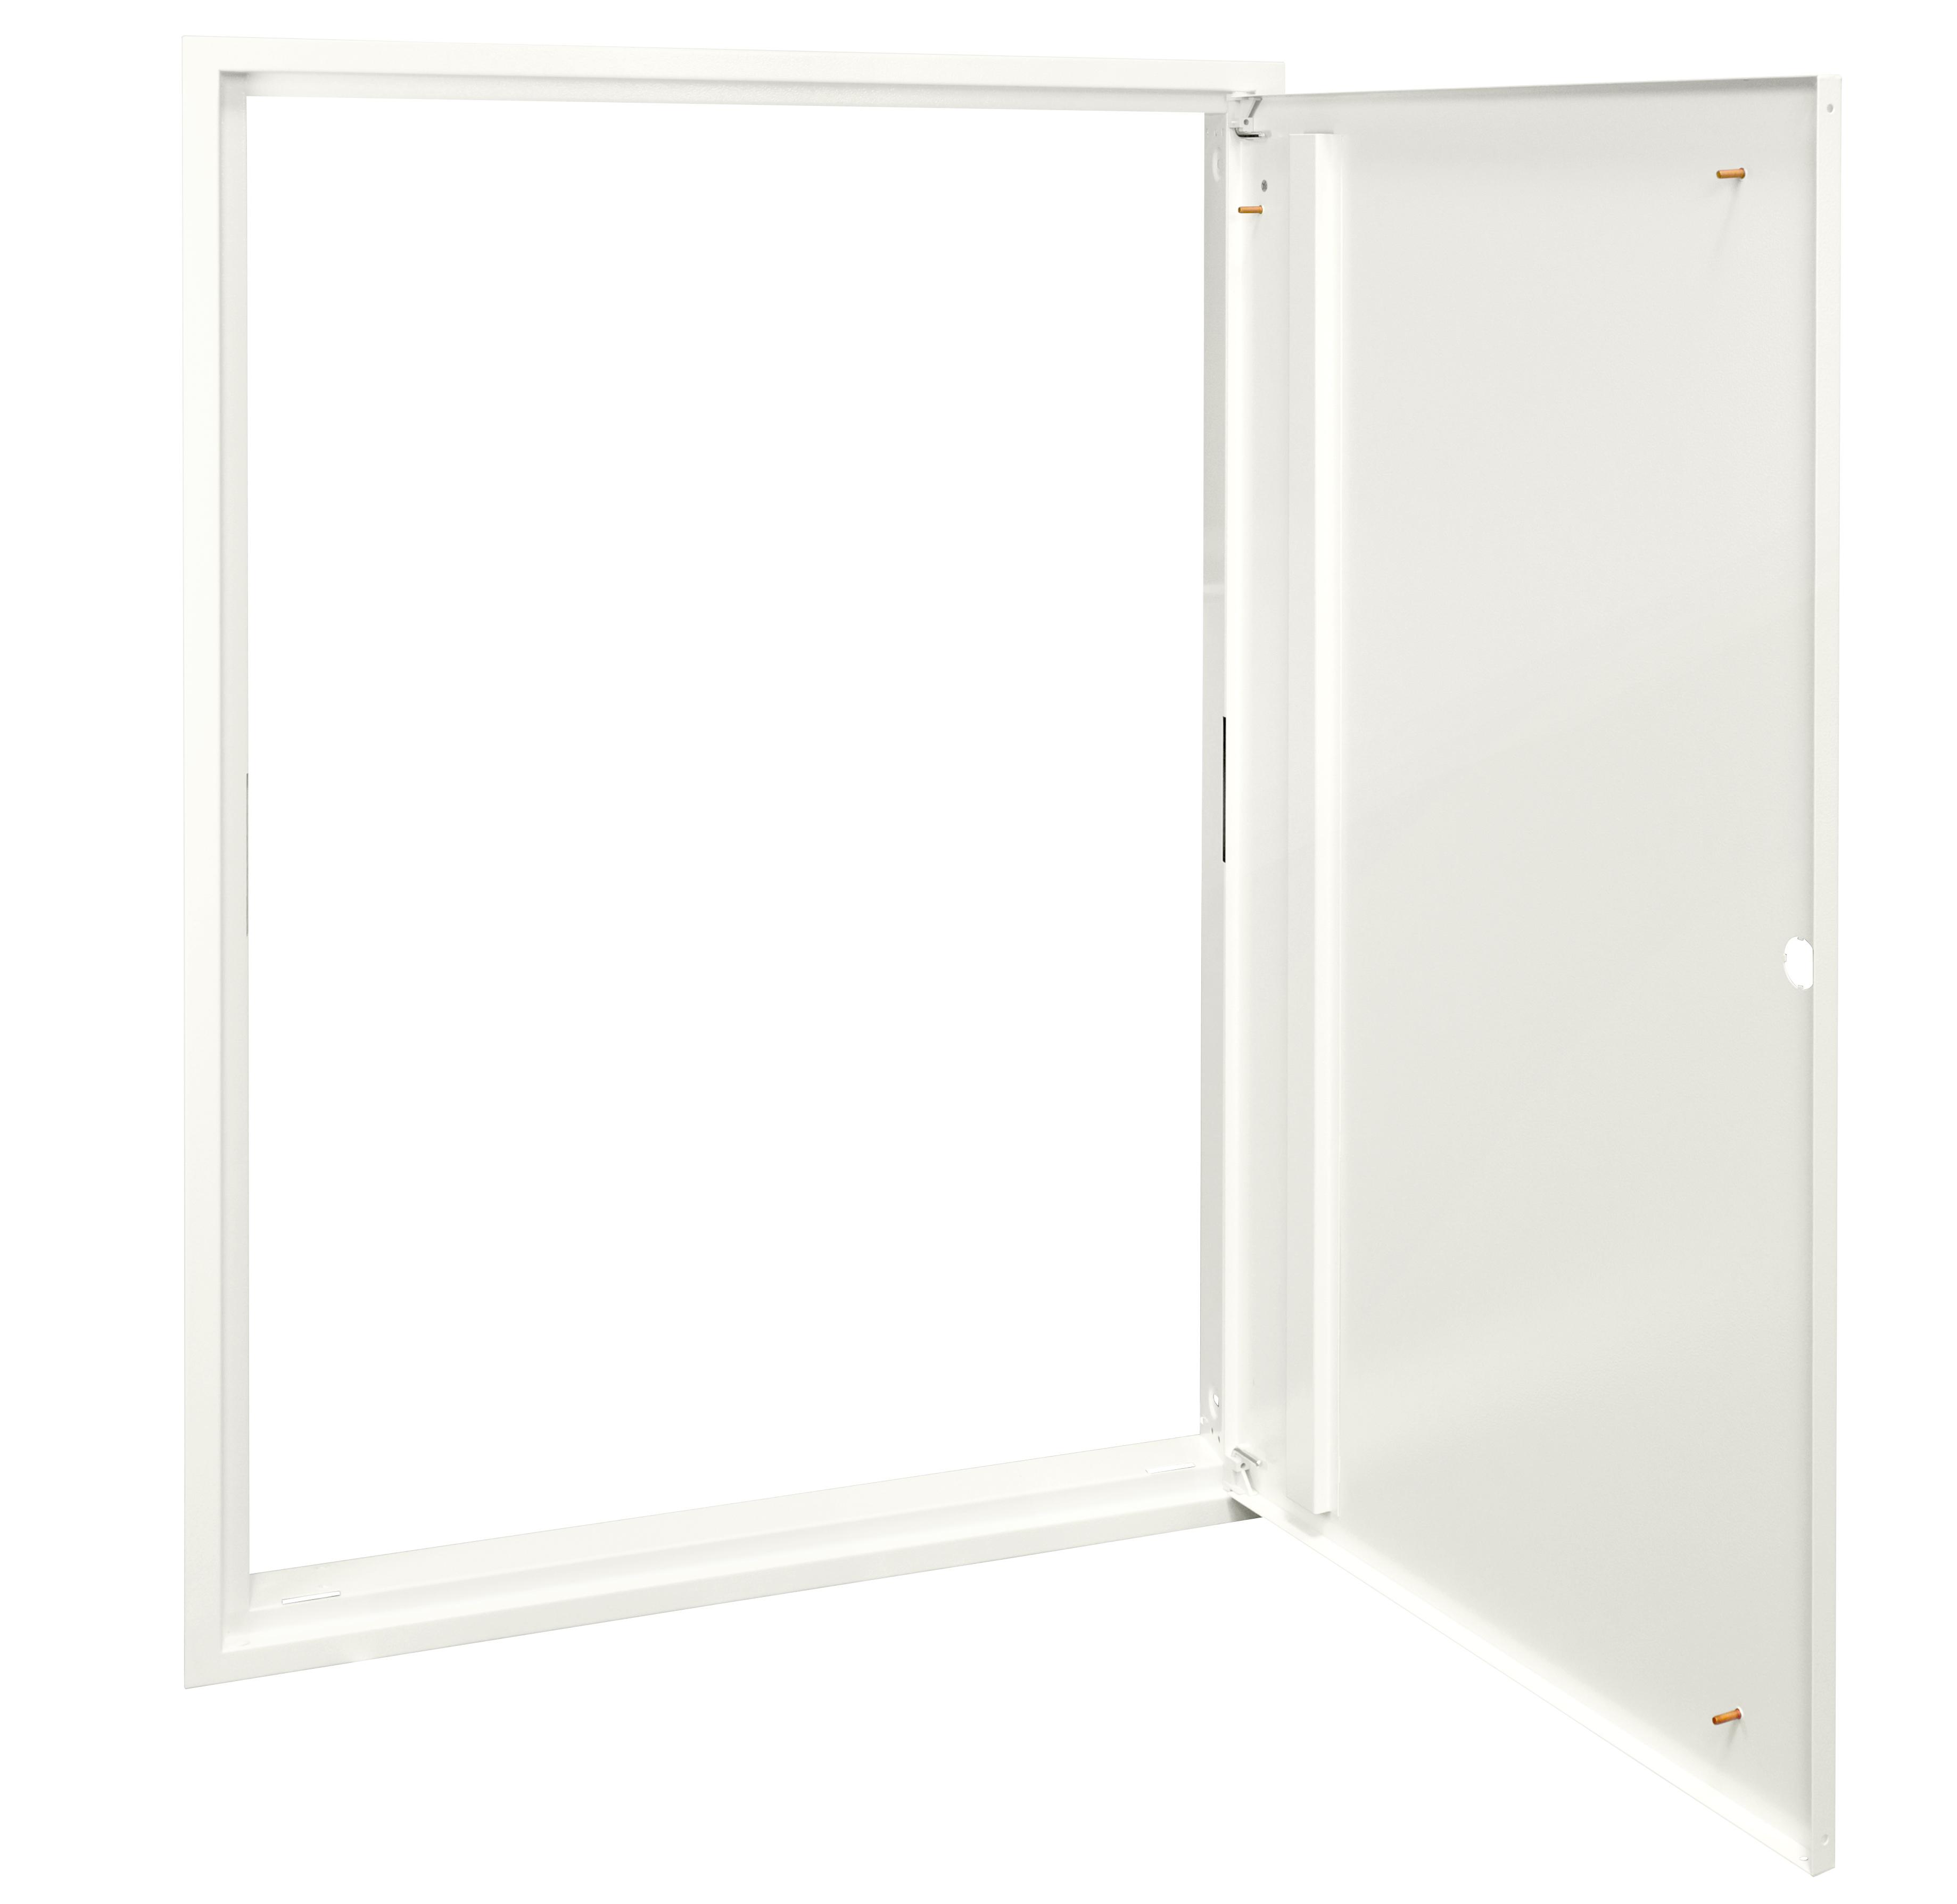 1 Stk Unterputz-Rahmen mit Türe S3 2U-07 IL308207-F